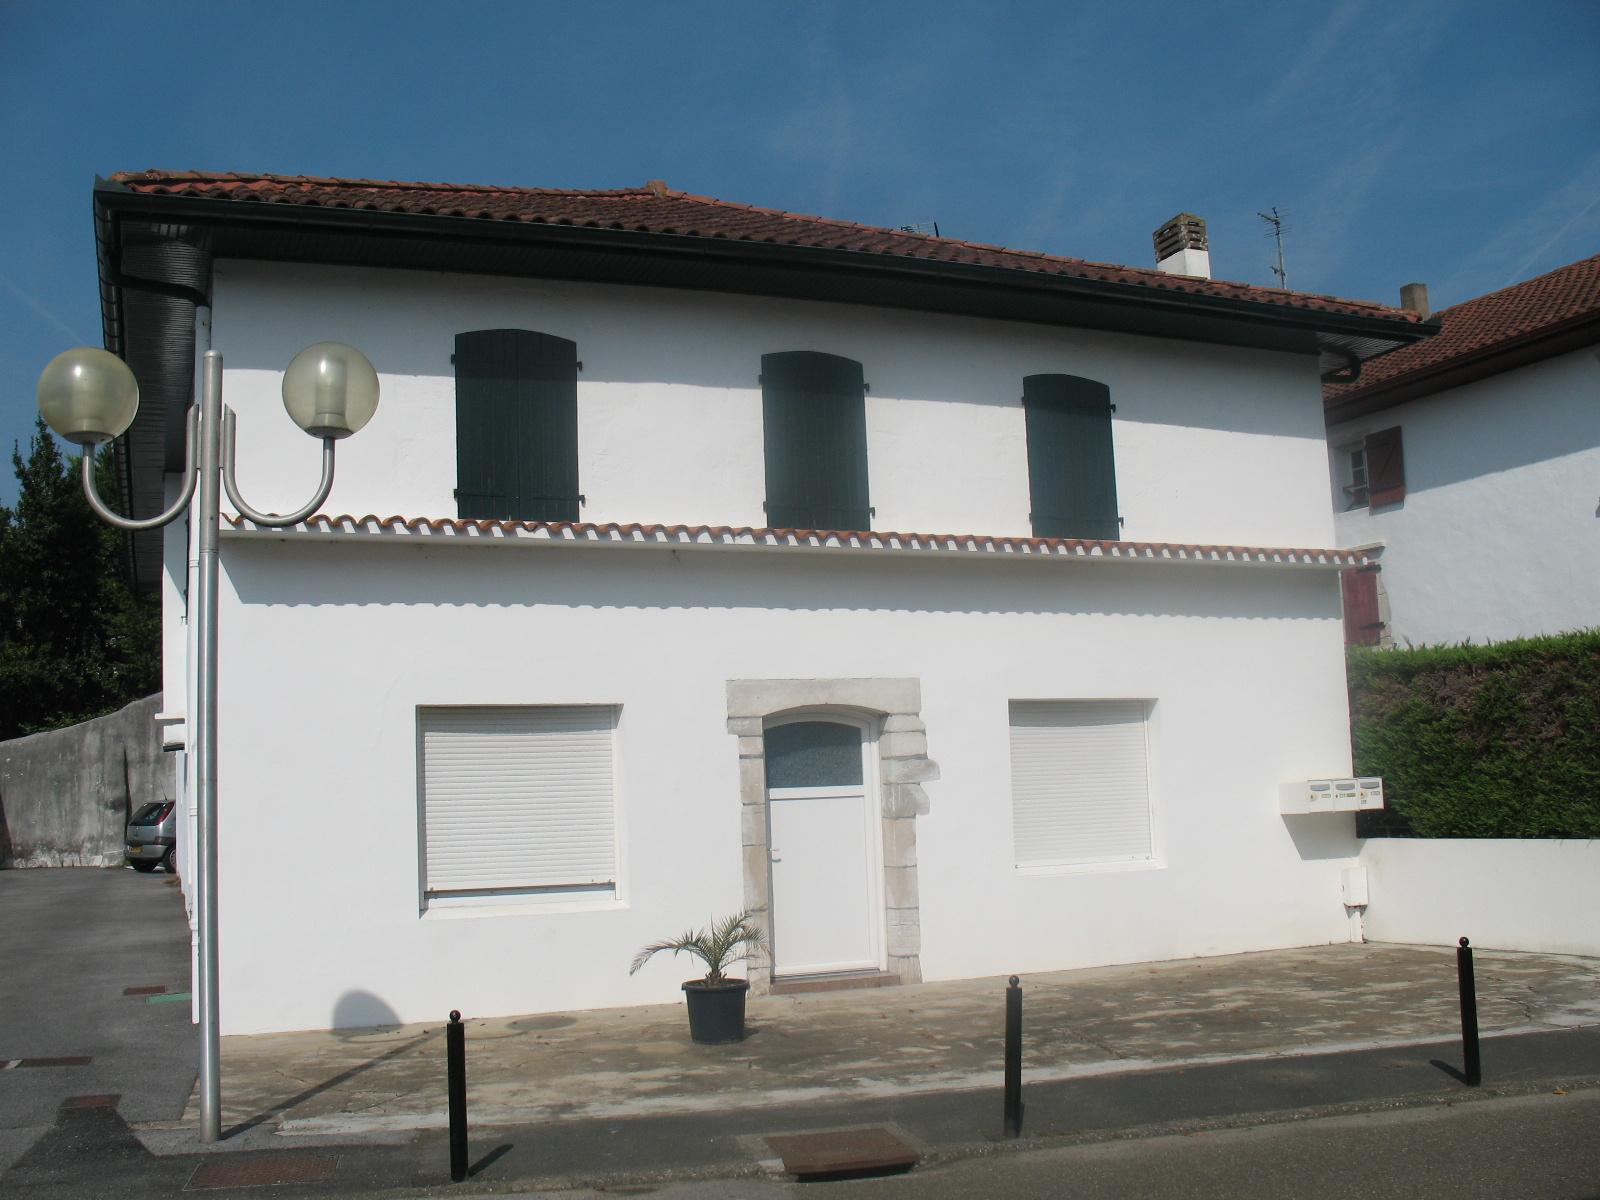 Location appartements biarritz bayonne anglet et for Appartement a louer yverdon et environ